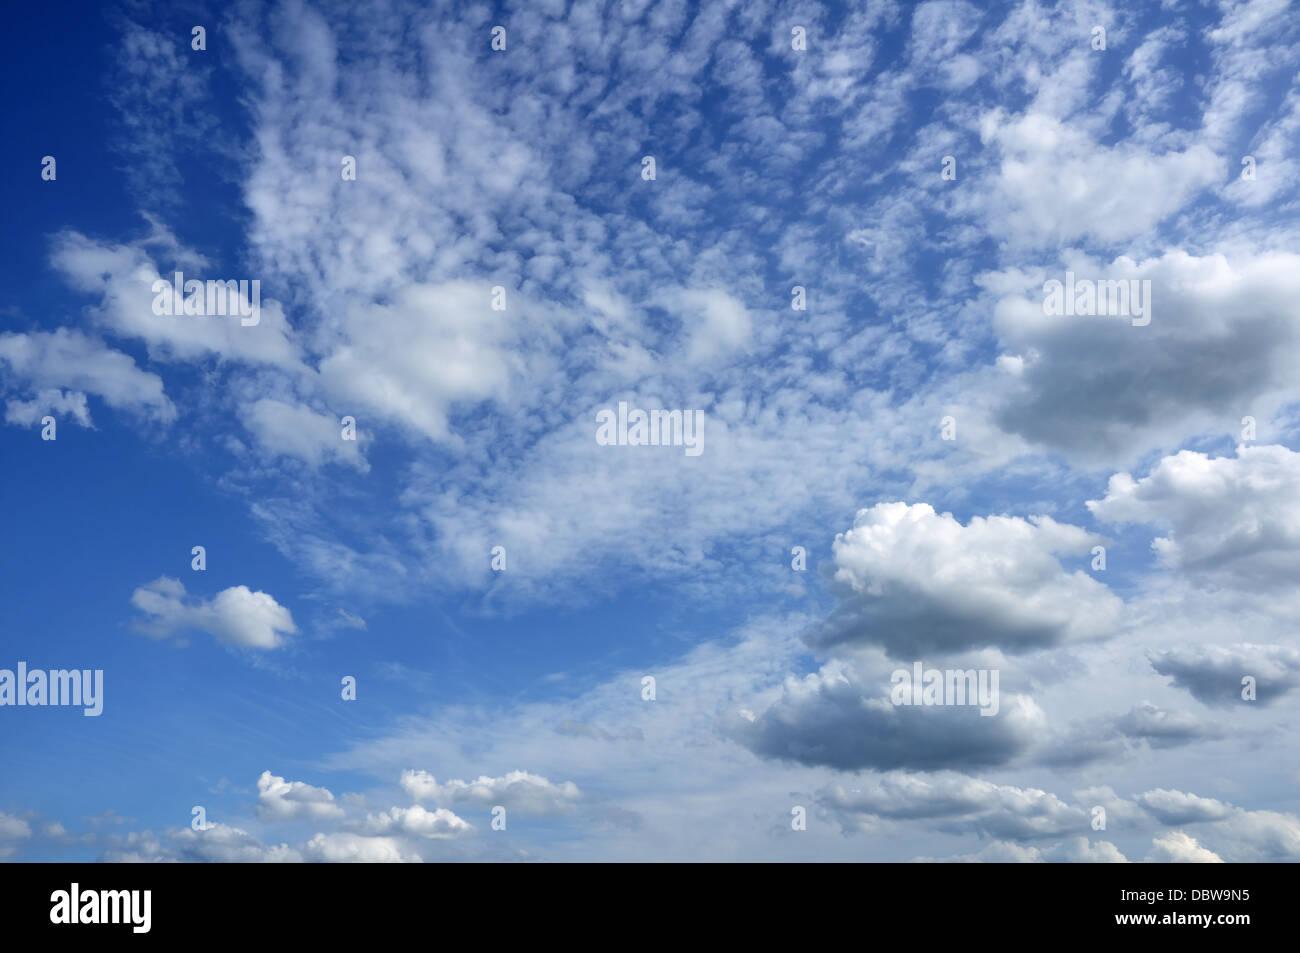 Cumulus und Altocumulus-Wolken am blauen Himmel Stockbild